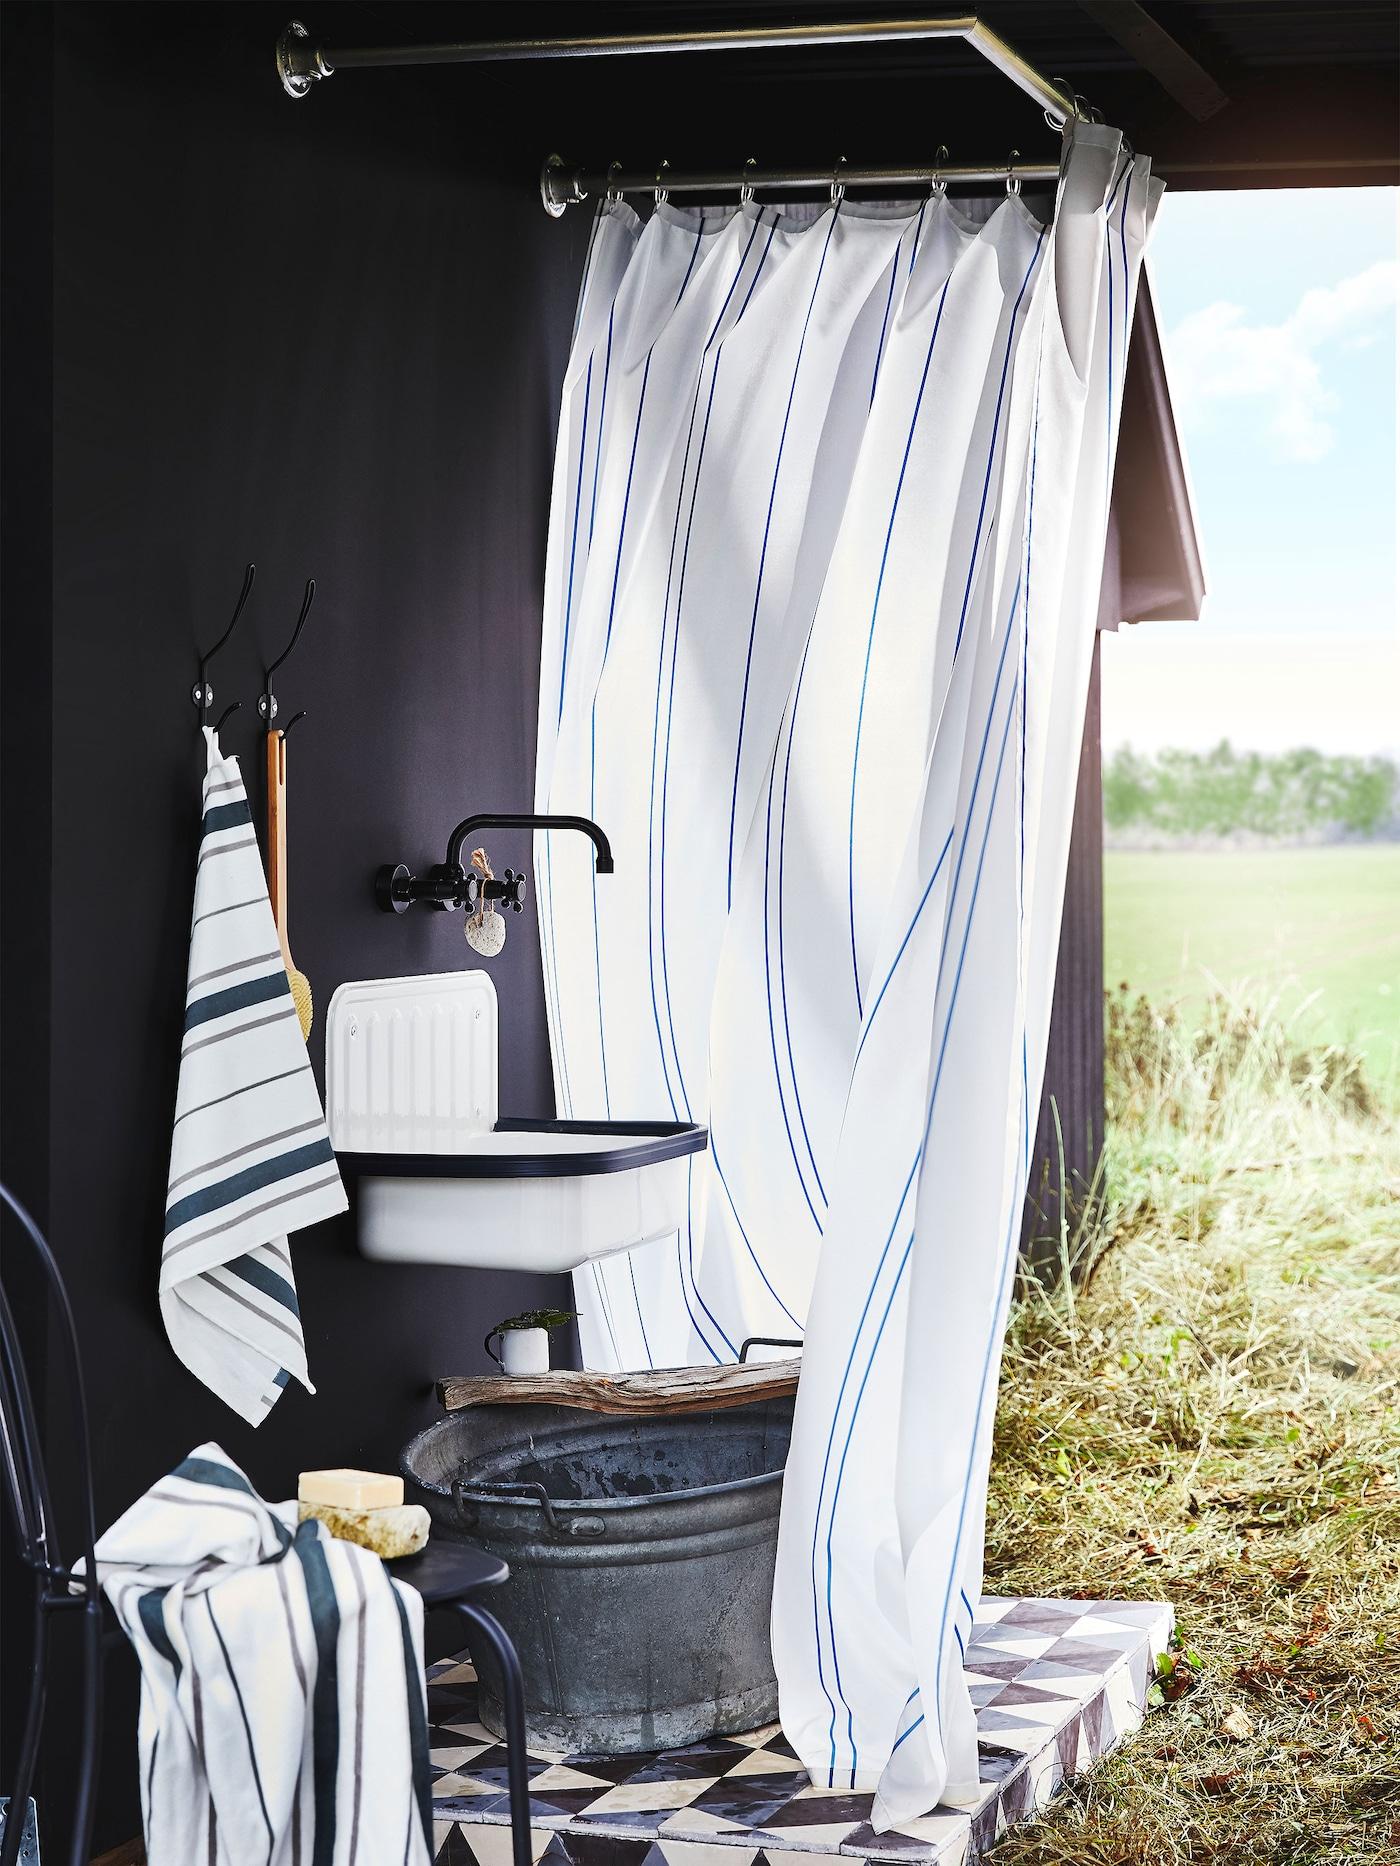 OTTSJÖN Duschvorhang in Weiss/Blau in einem Schuppen auf dem Land. Der klassische Streifenlook passt perfekt zum Hintergrund aus frischem Weiss.